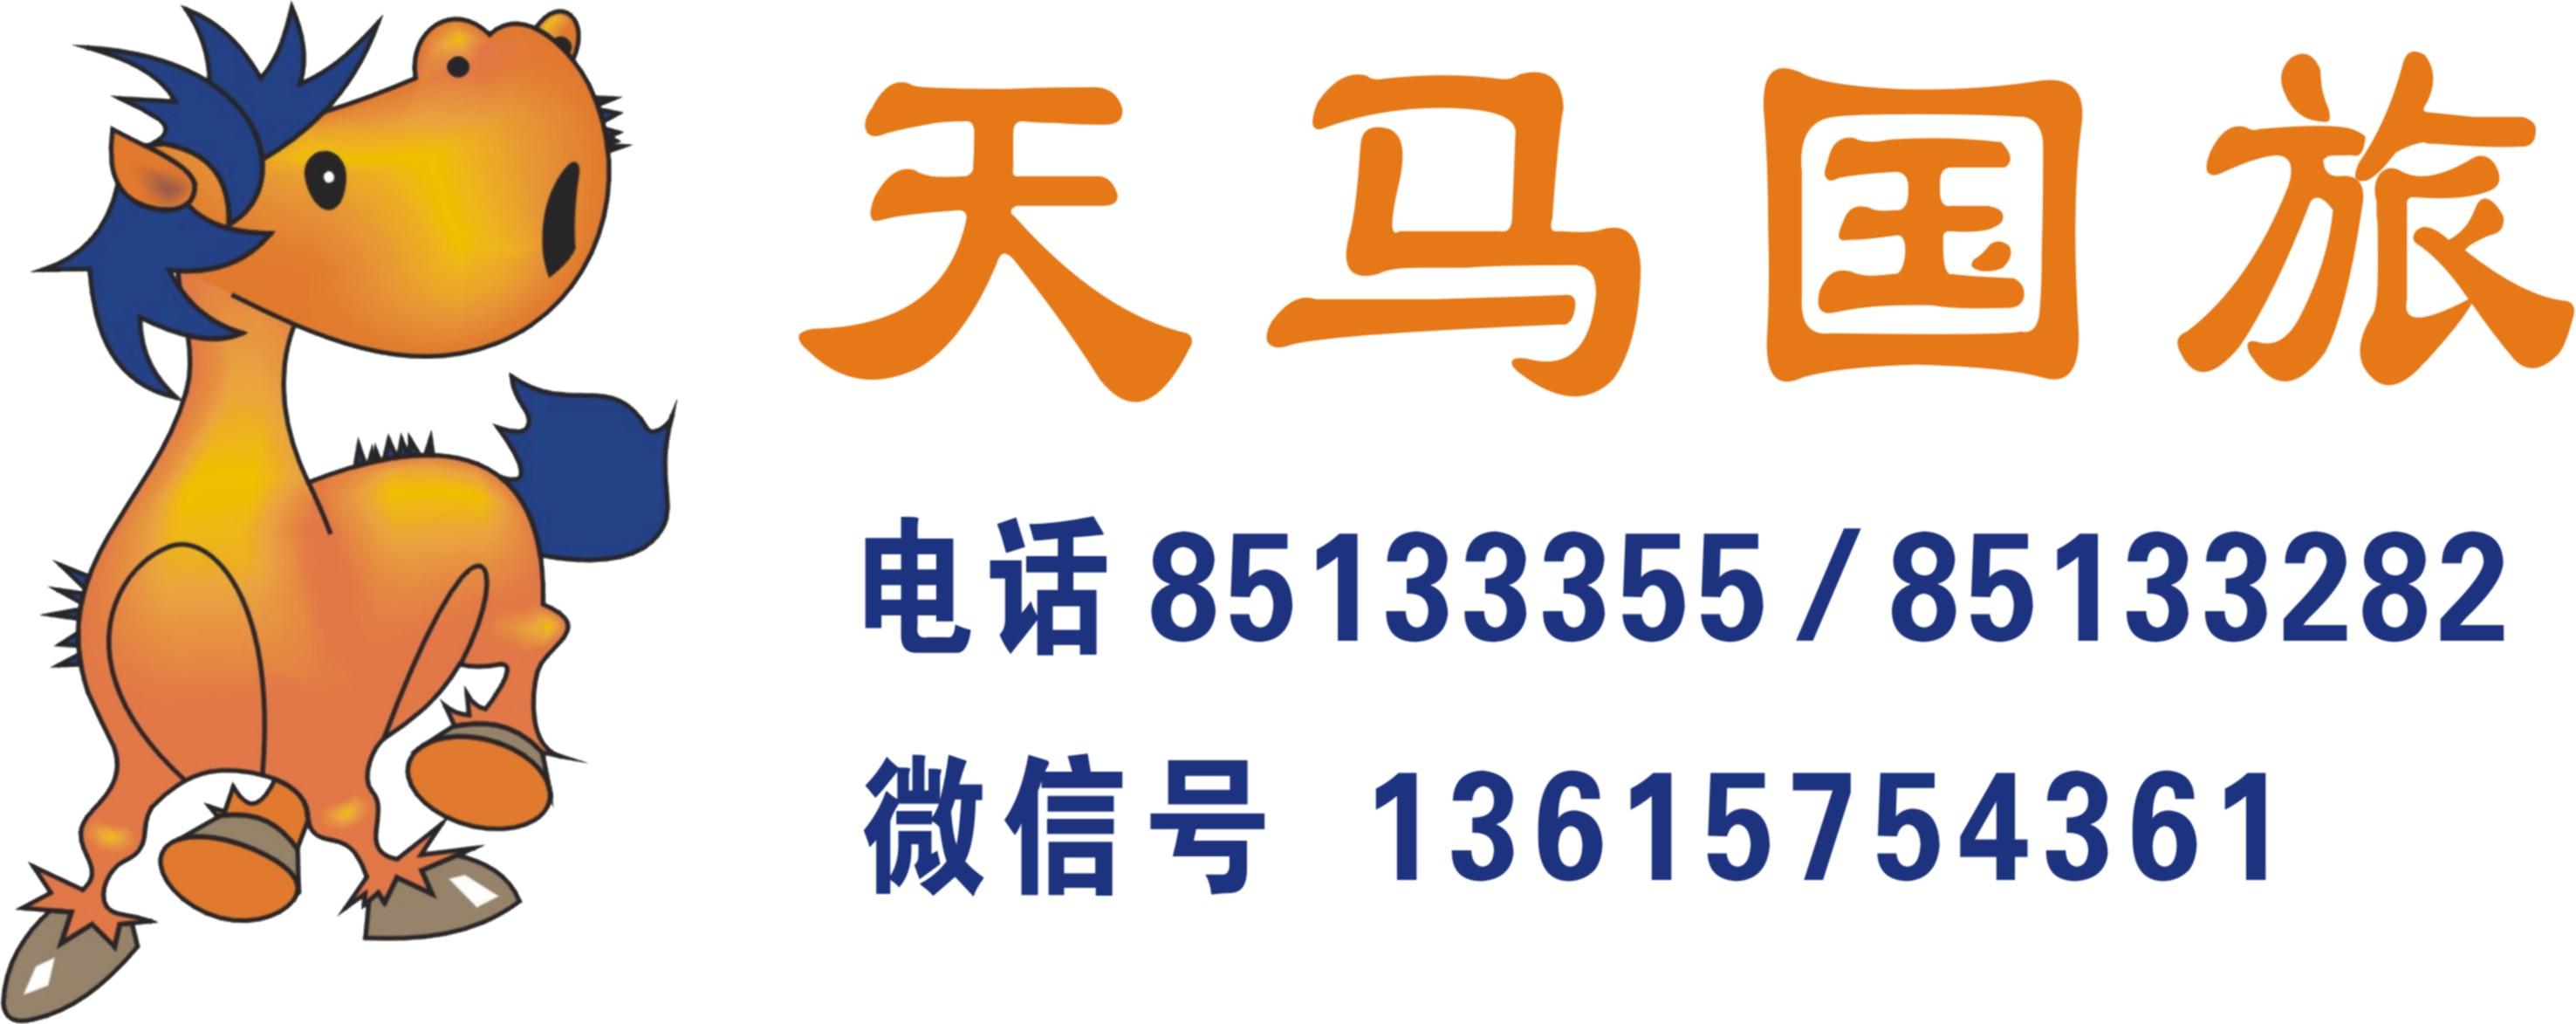 3.2【观5D甬秀《港通天下》、宁波南塘老街特价一日游】